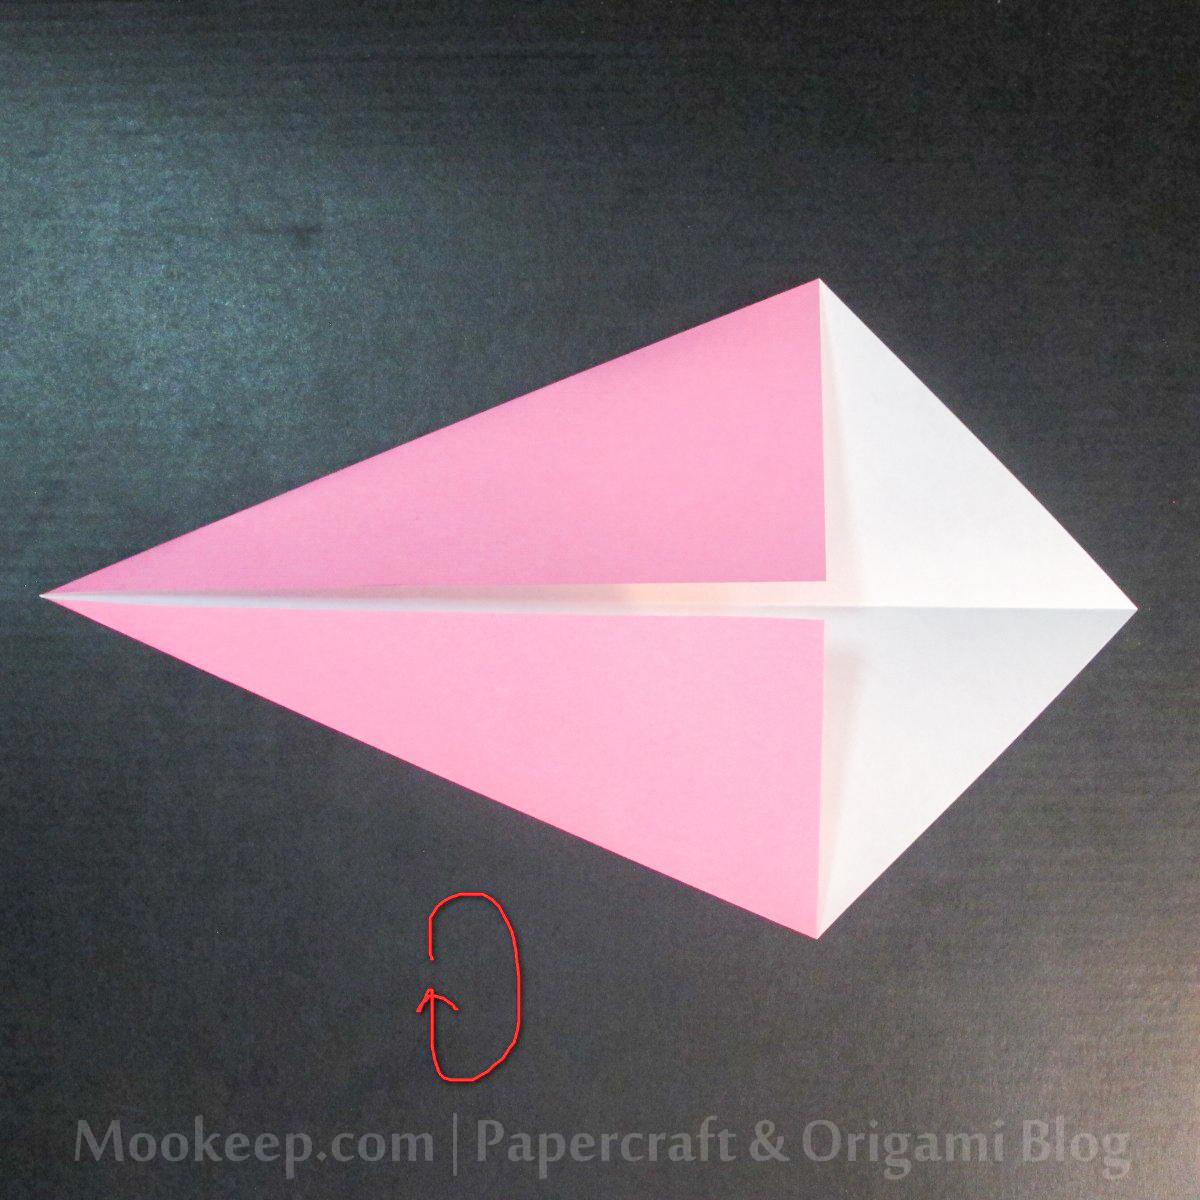 สอนวิธีการพับกระดาษเป็นรูปเป็ด (Origami Duck) - 004.jpg